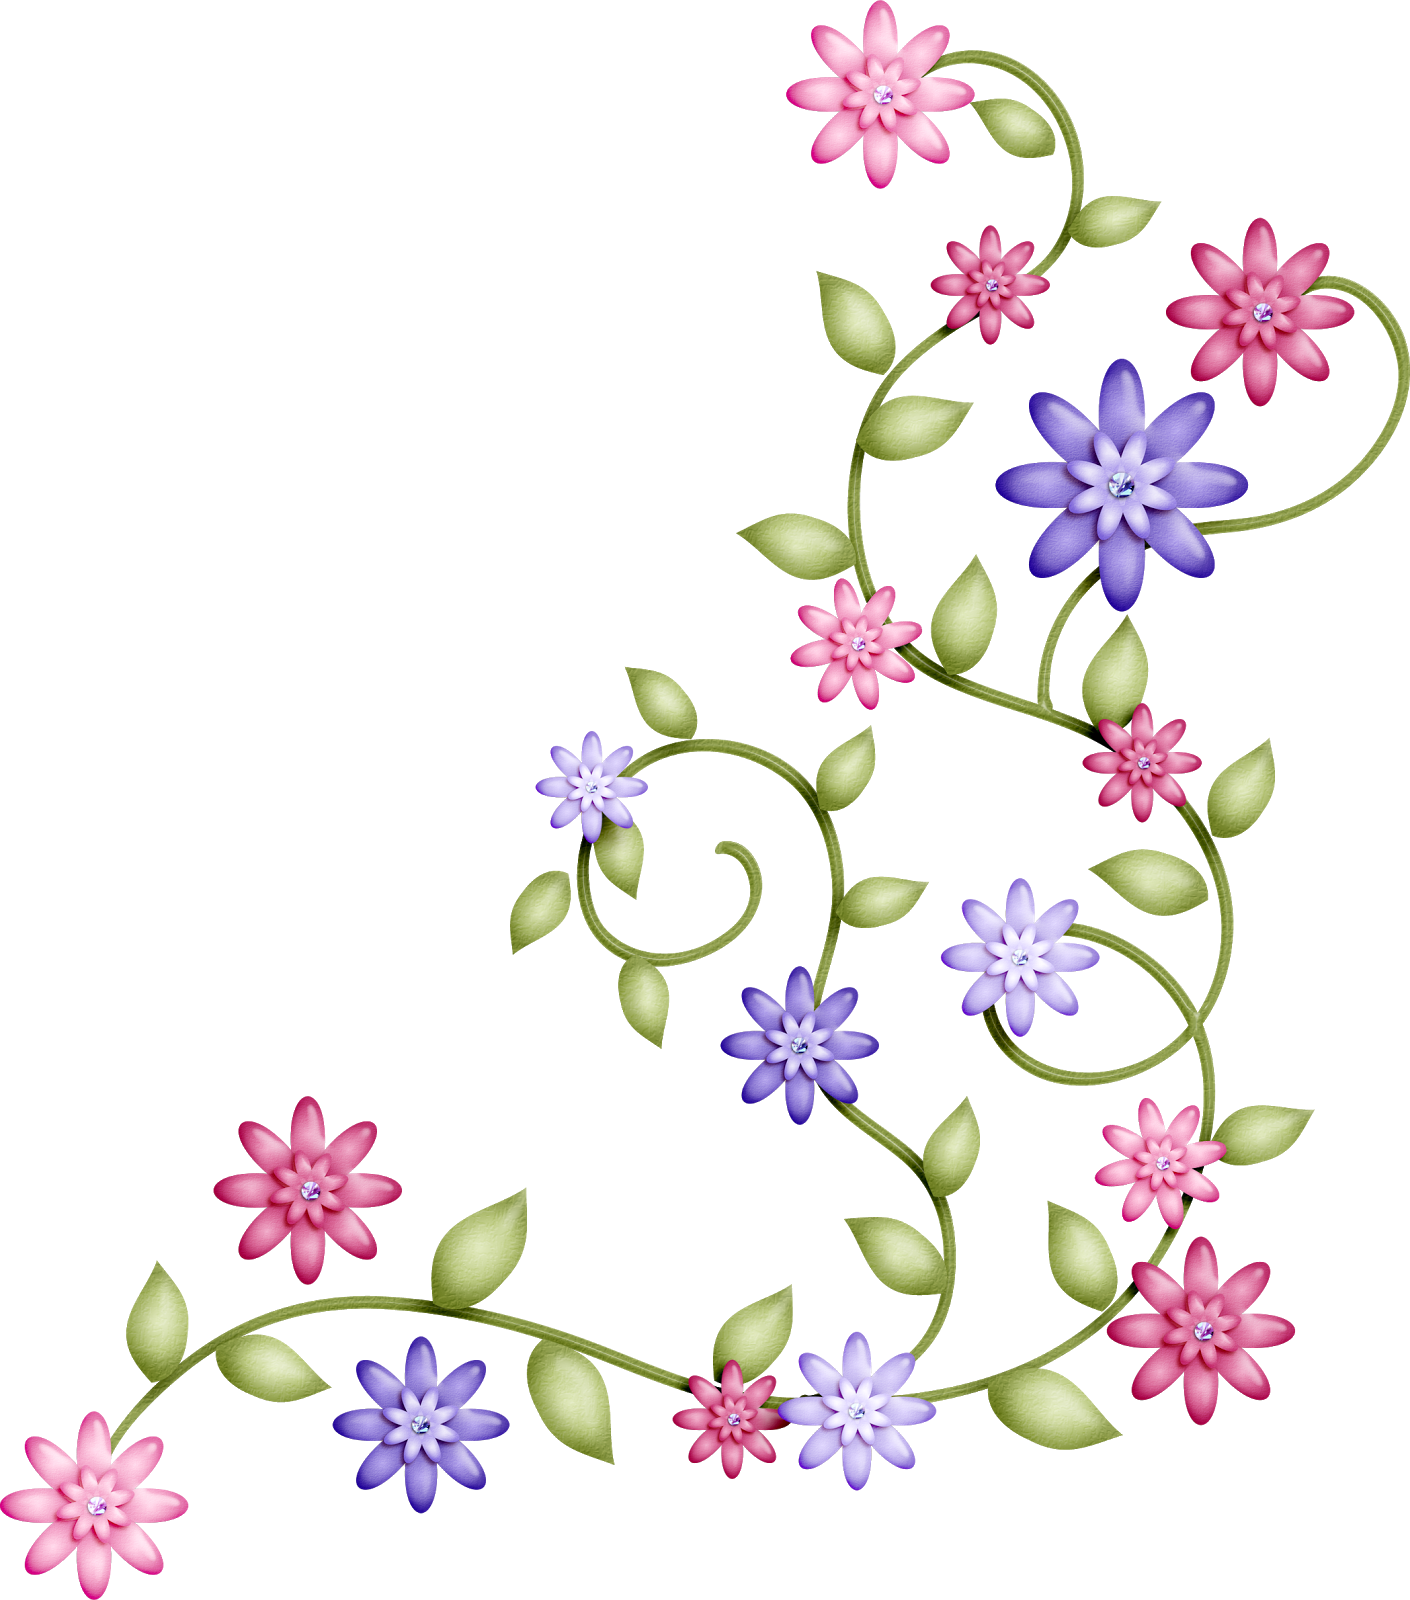 Imagenes de flores en caricatura imagui for Imagenes bonitas para decorar